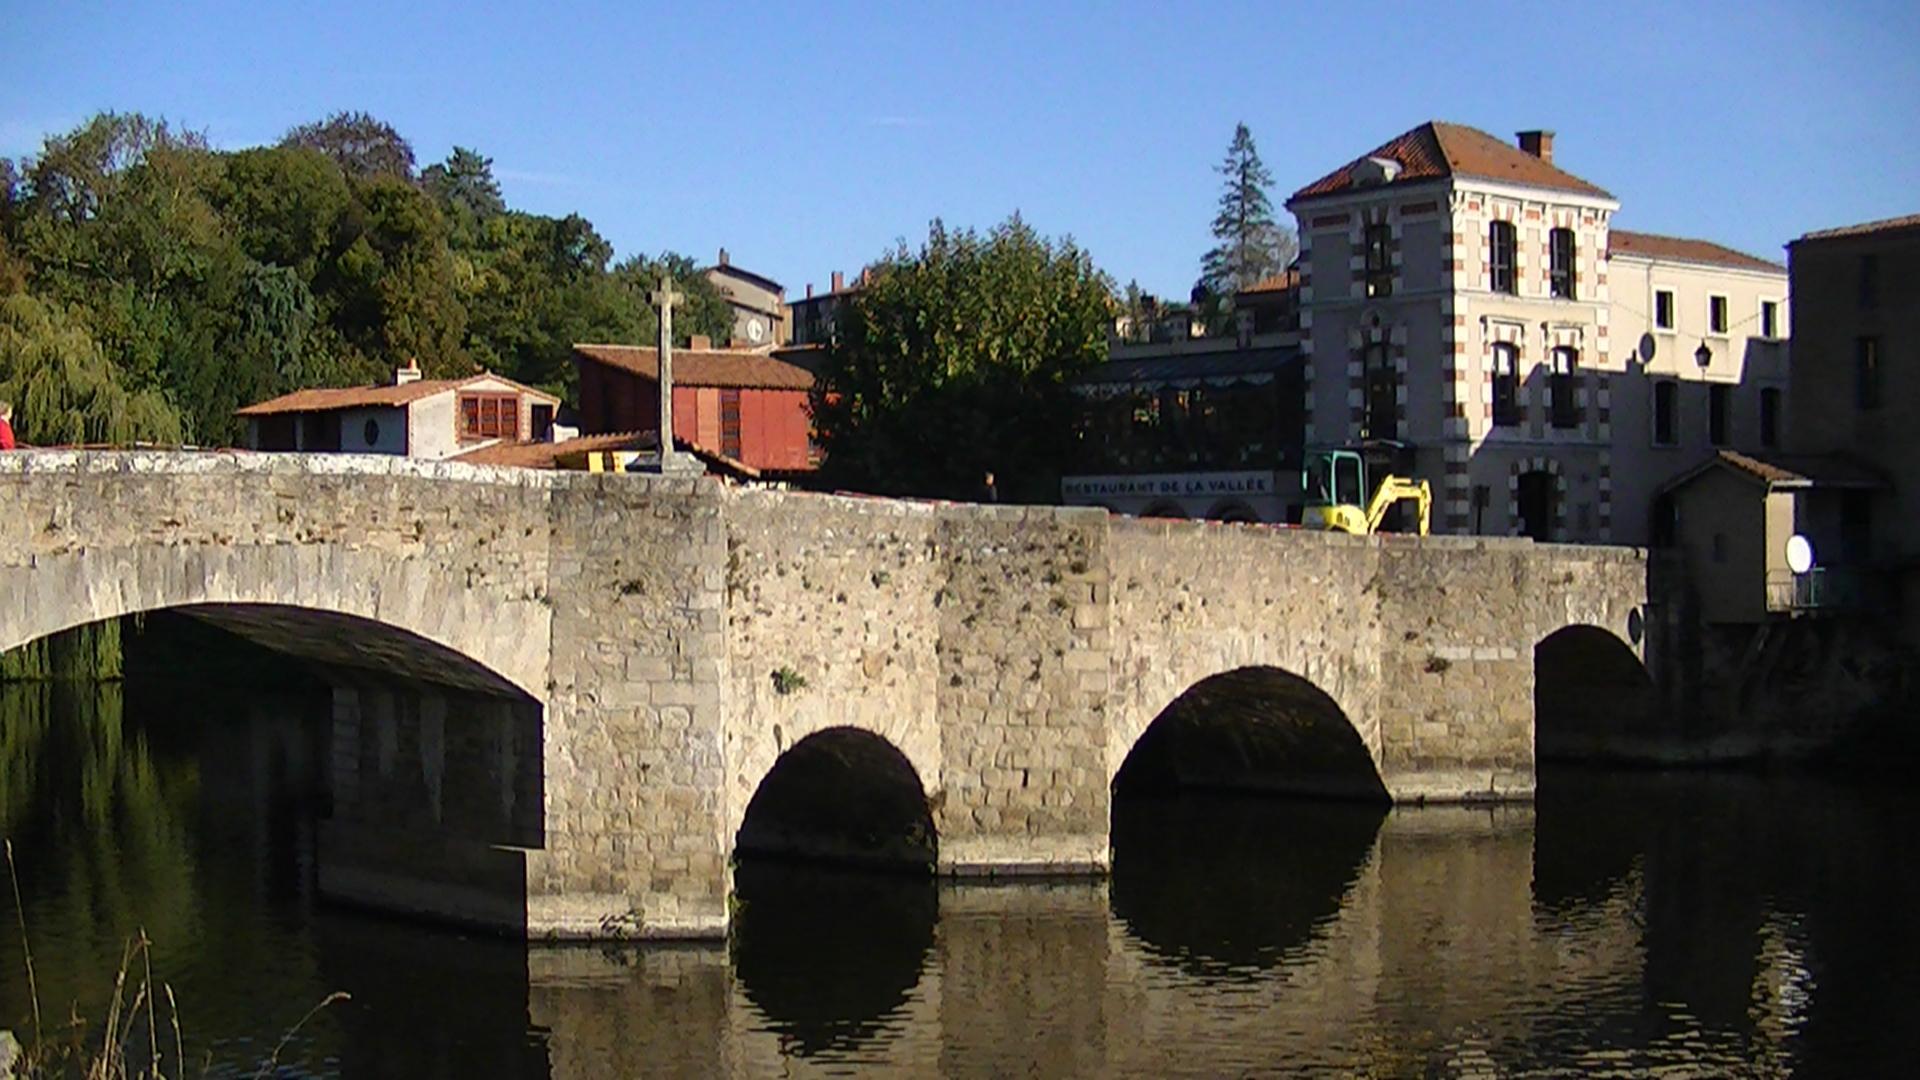 Les ponts de France - XIX b